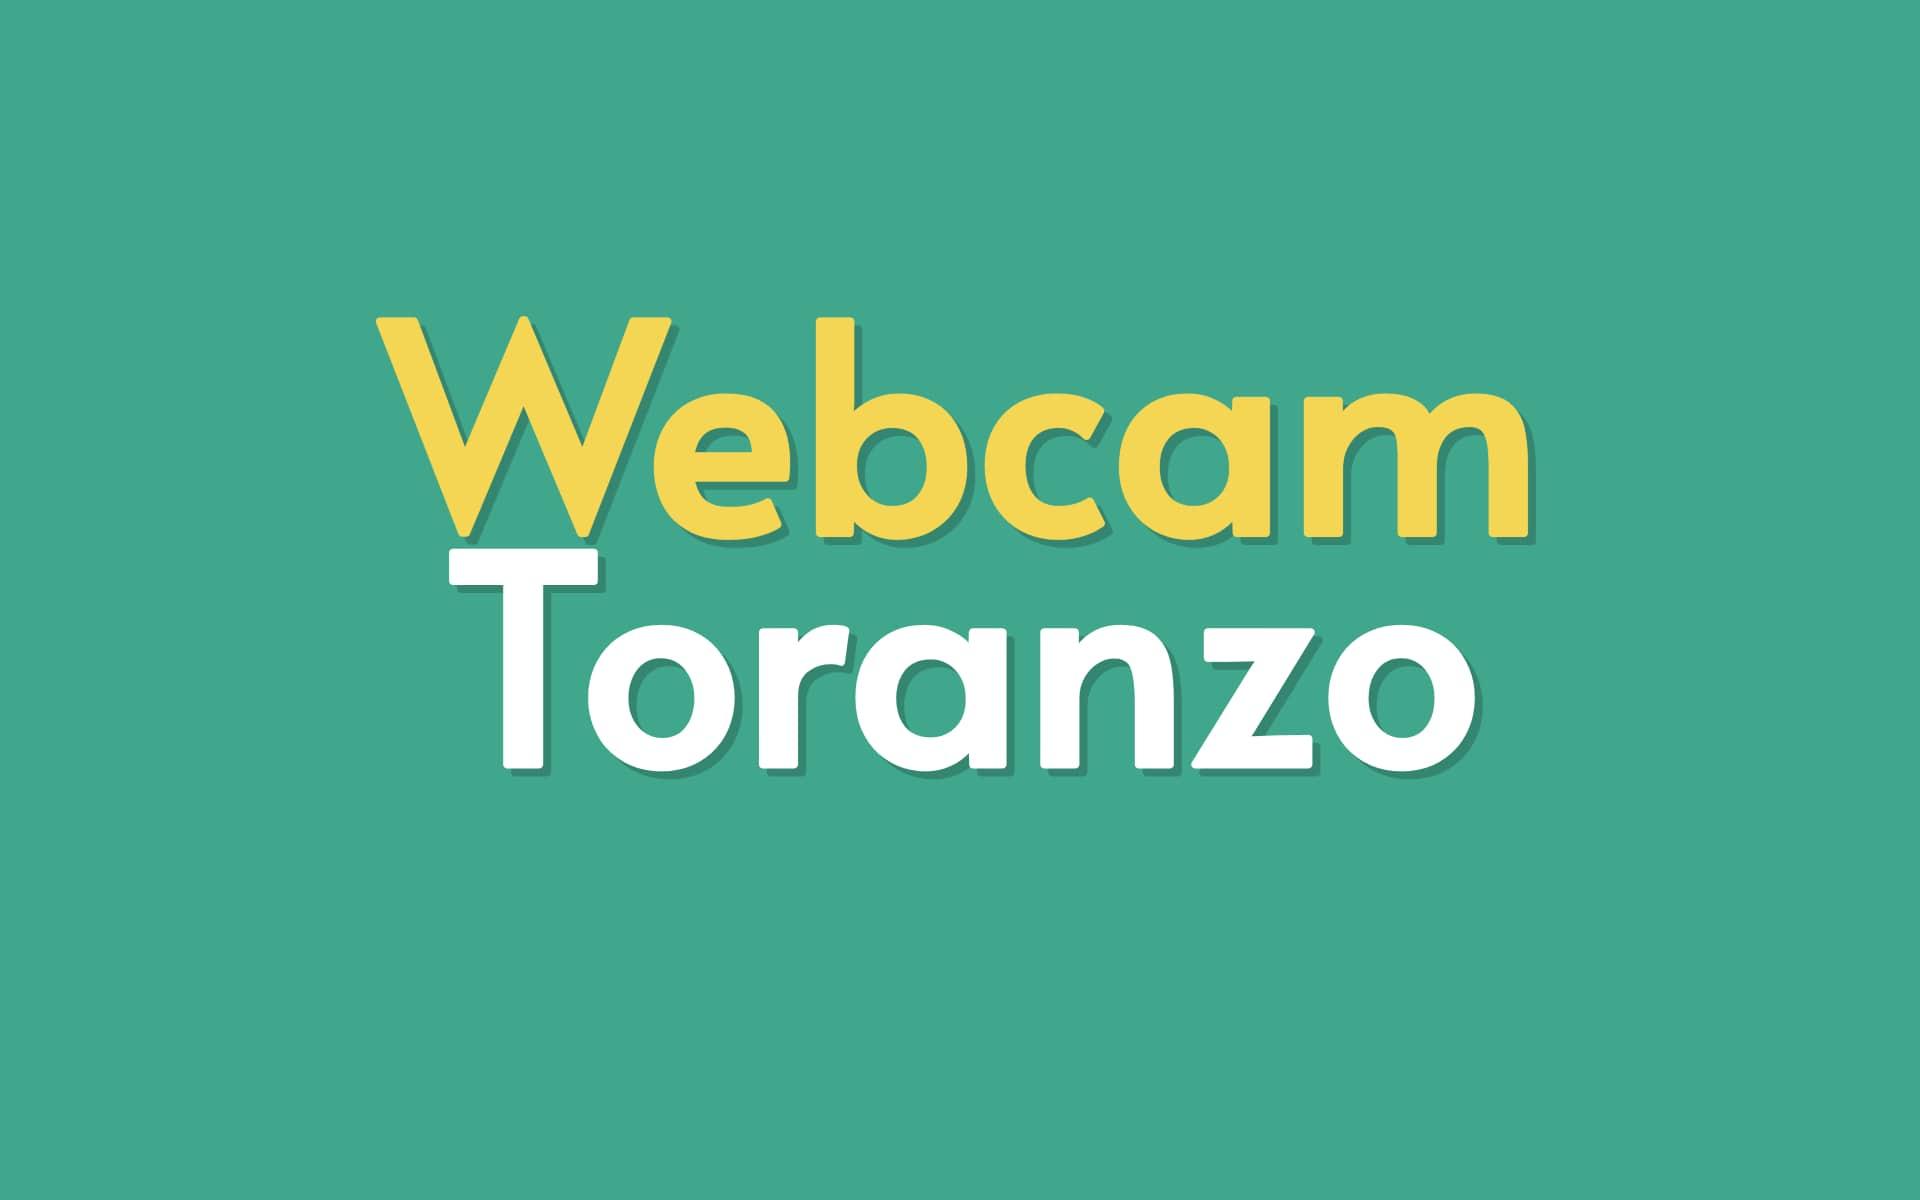 logo_webcam_toranzo_completo